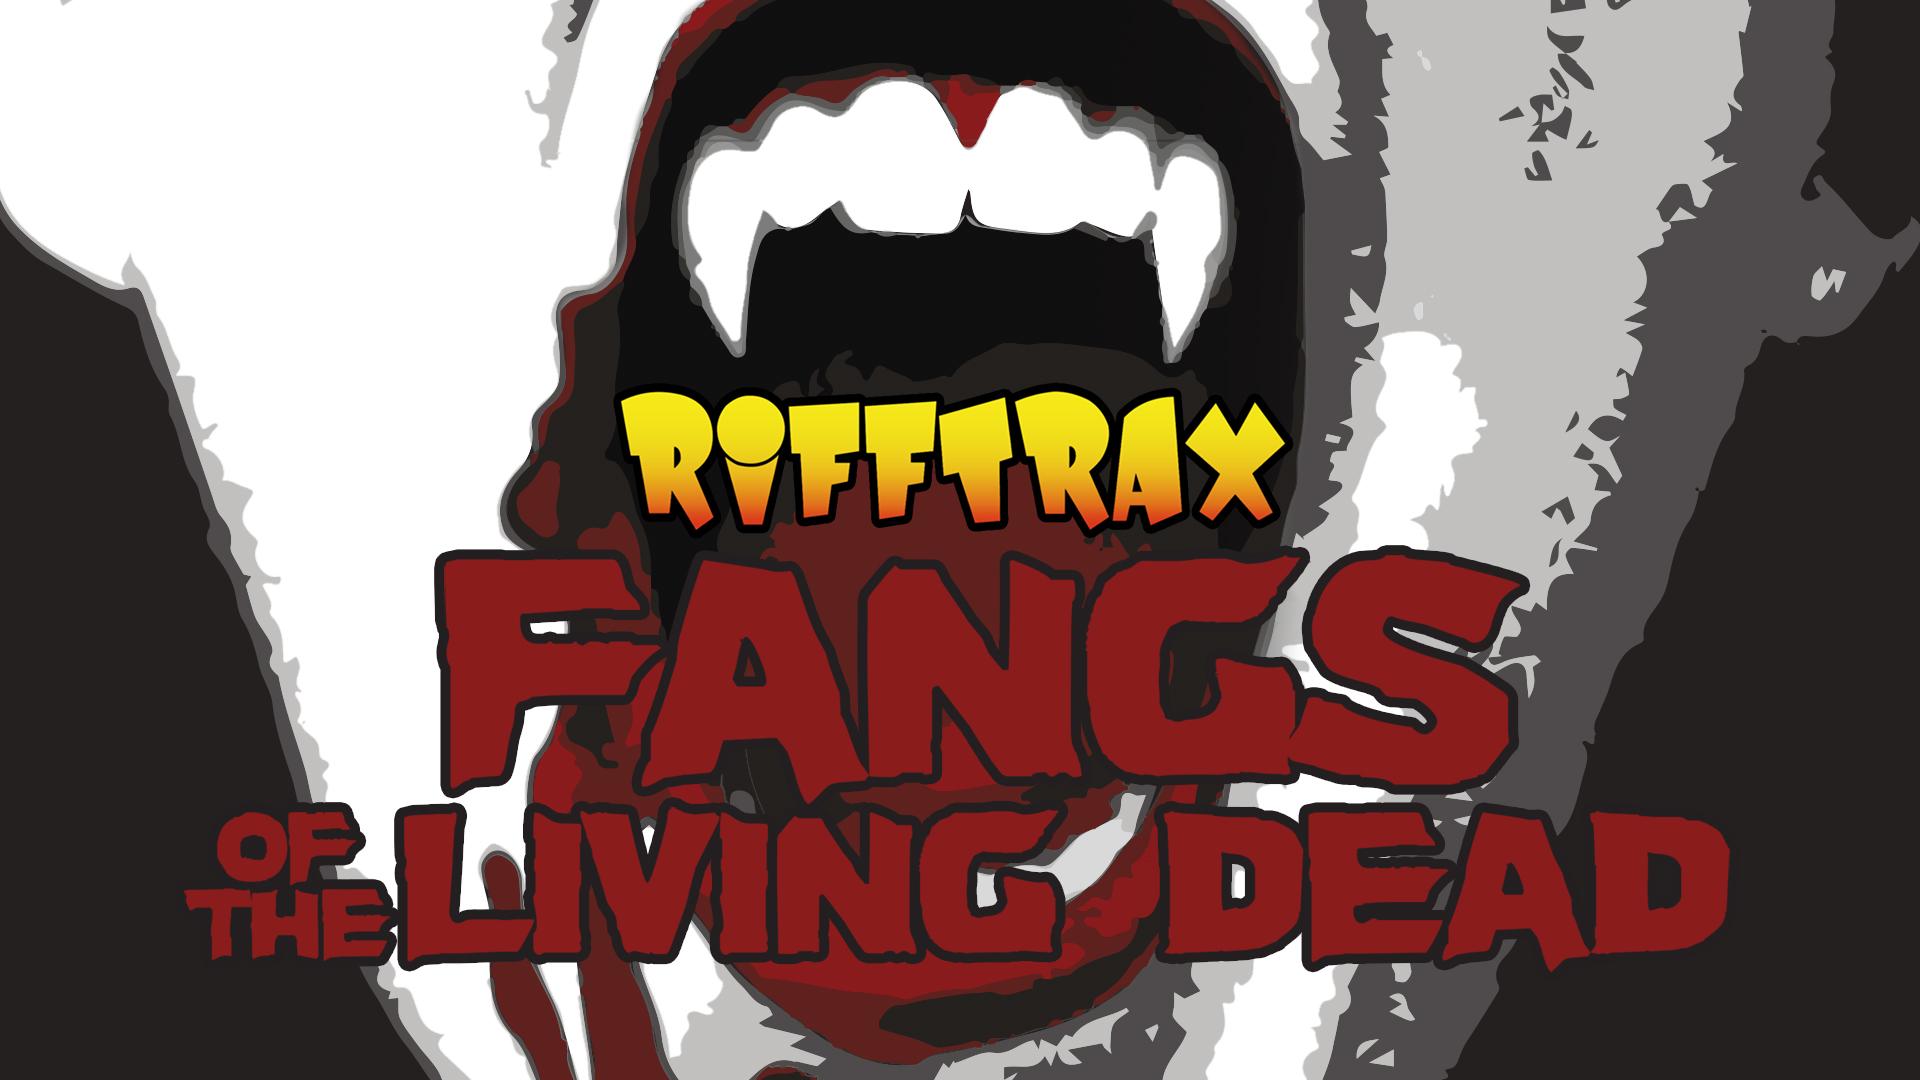 RiffTrax: Fangs of the Living Dead